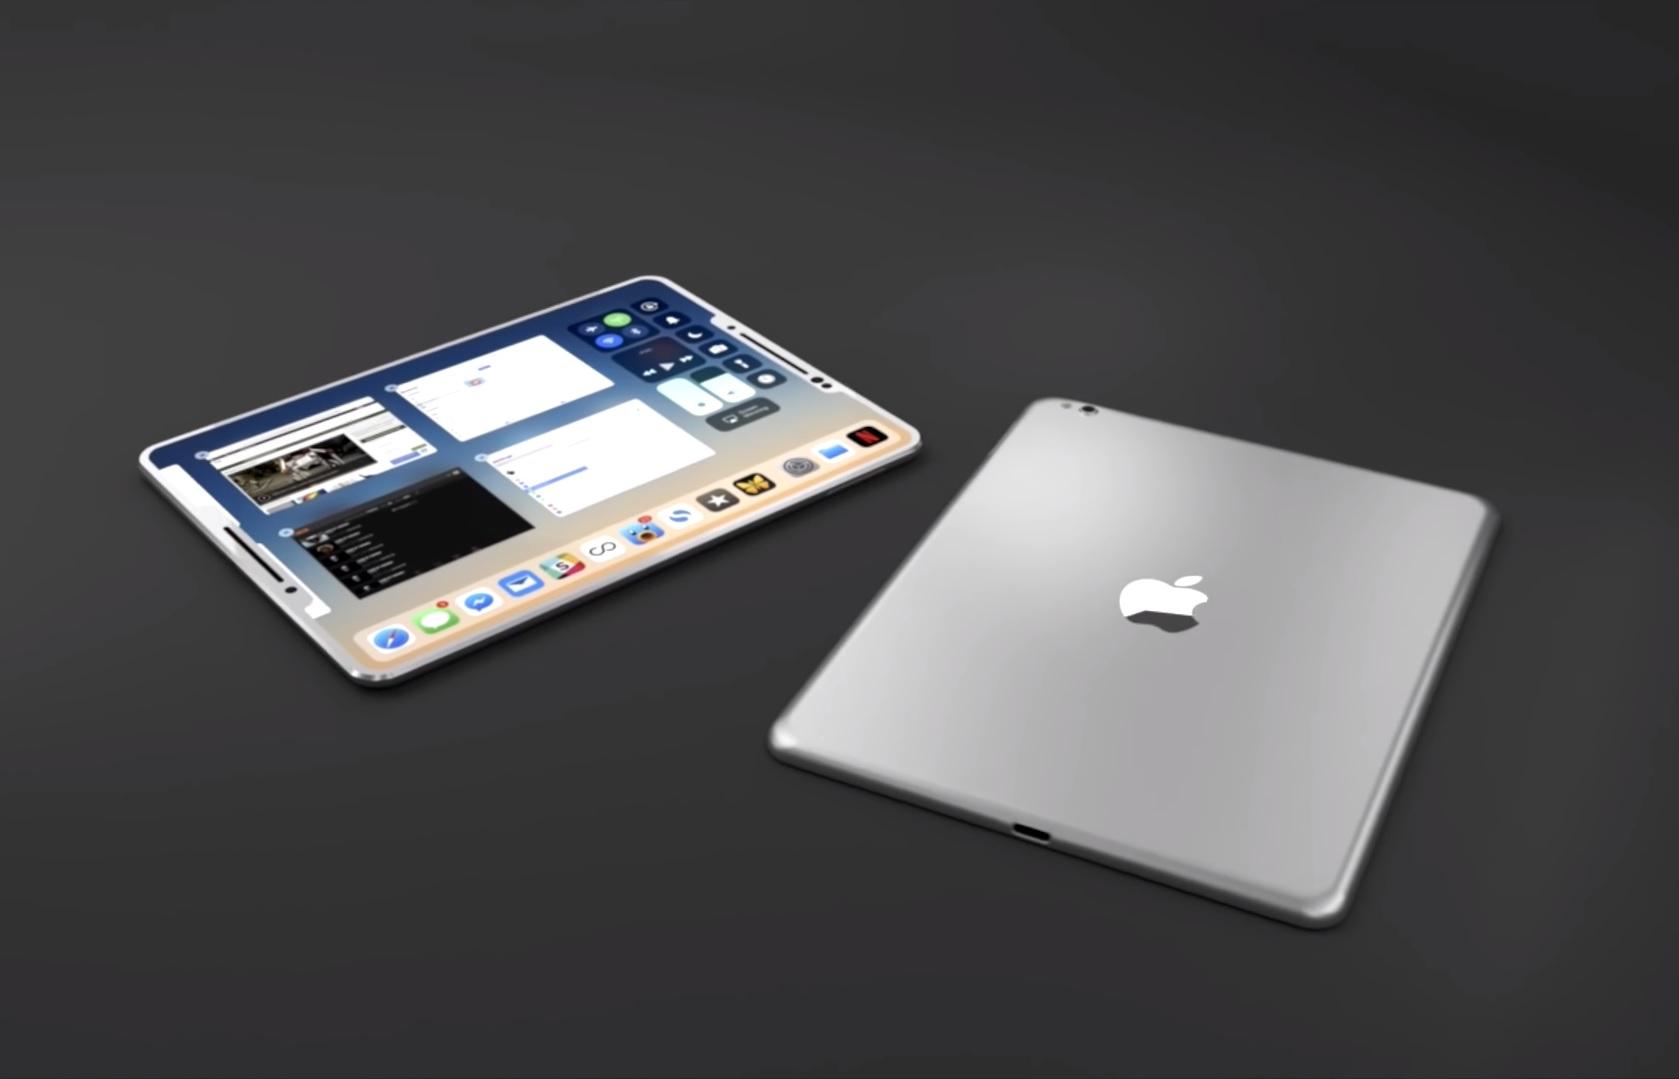 Apple Ipad X Full Screen Ipad Mit Face Id Soll 2018